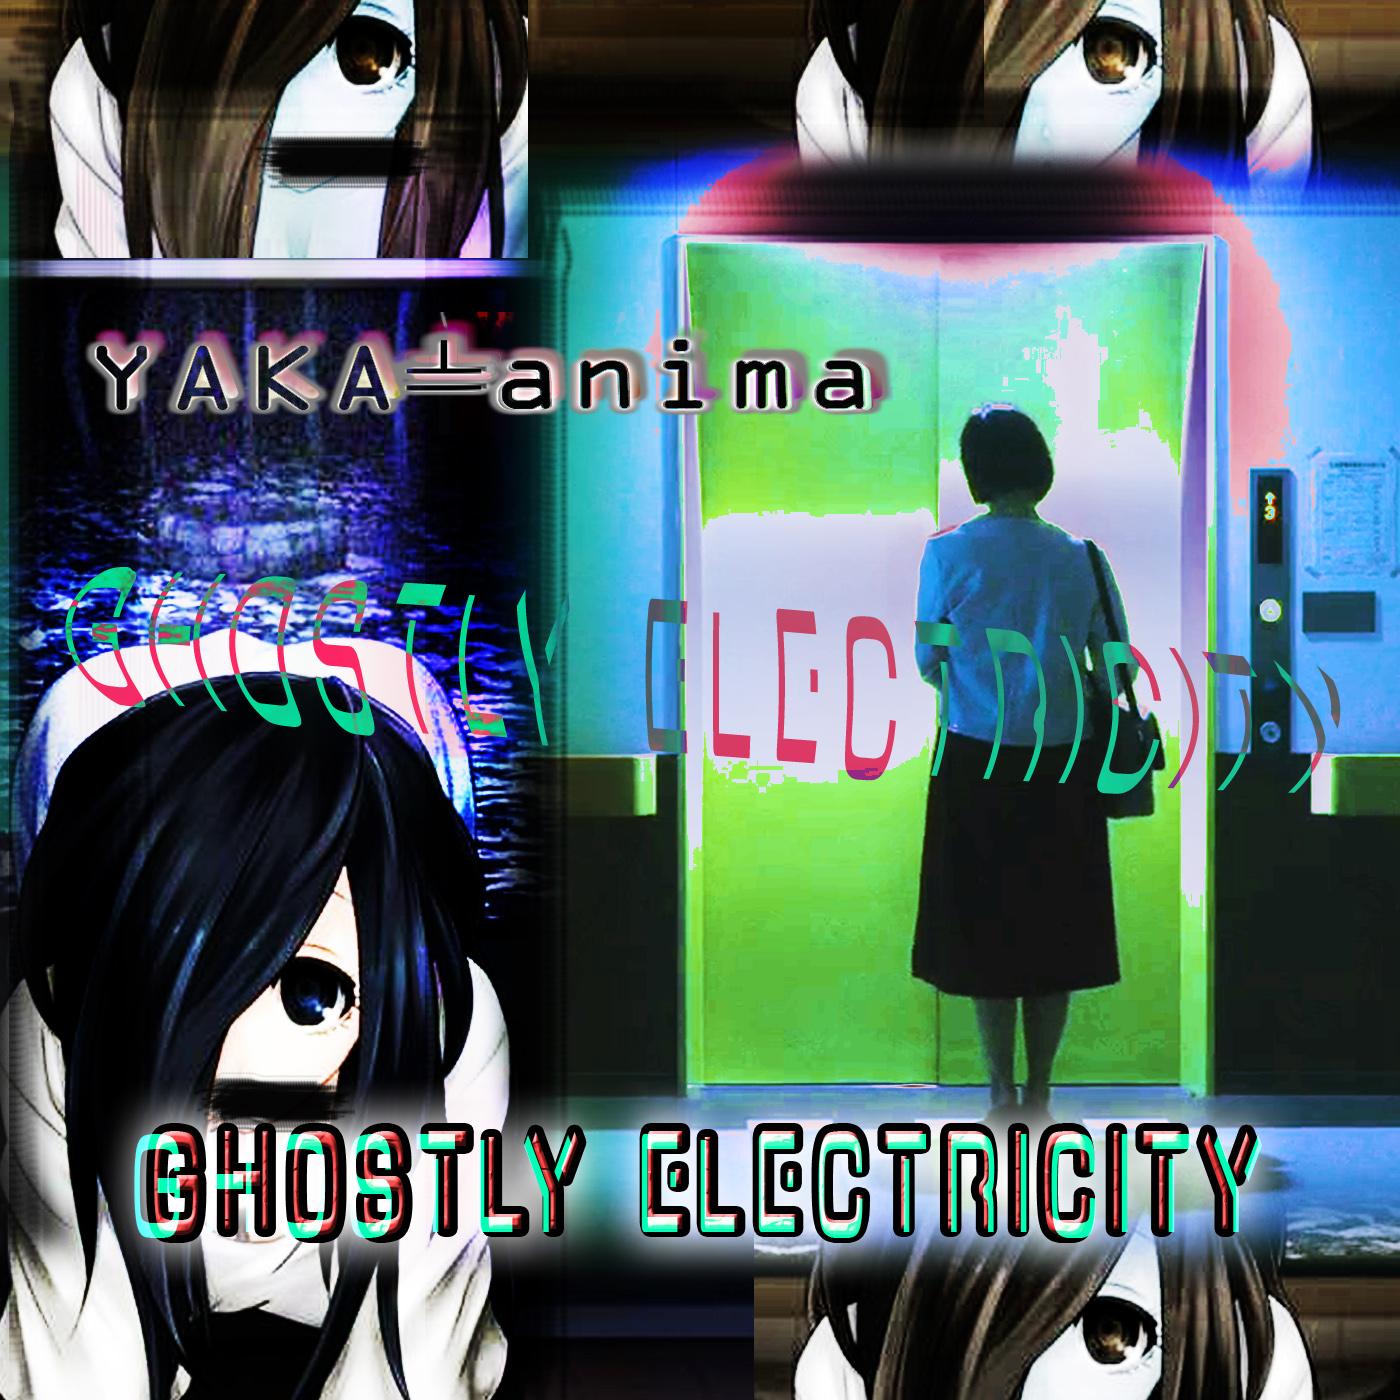 Yaka-anima – Ghostly Electricity